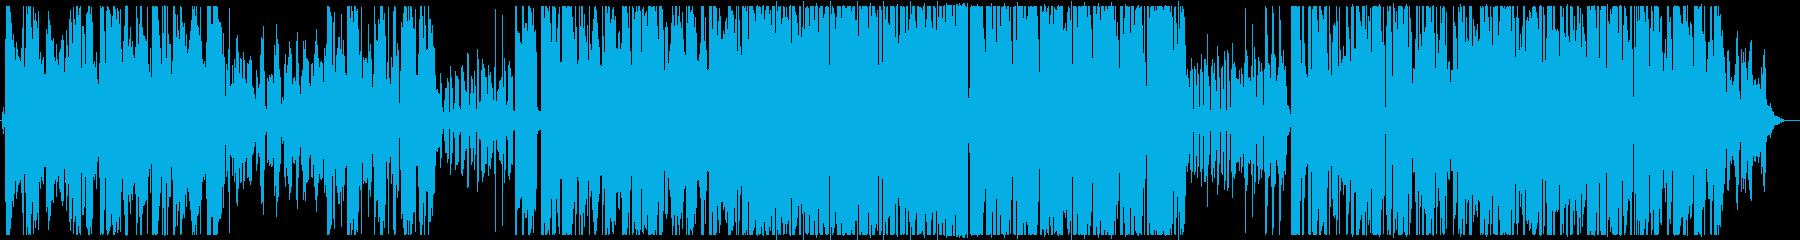 ダウナーなHIPHOPの再生済みの波形